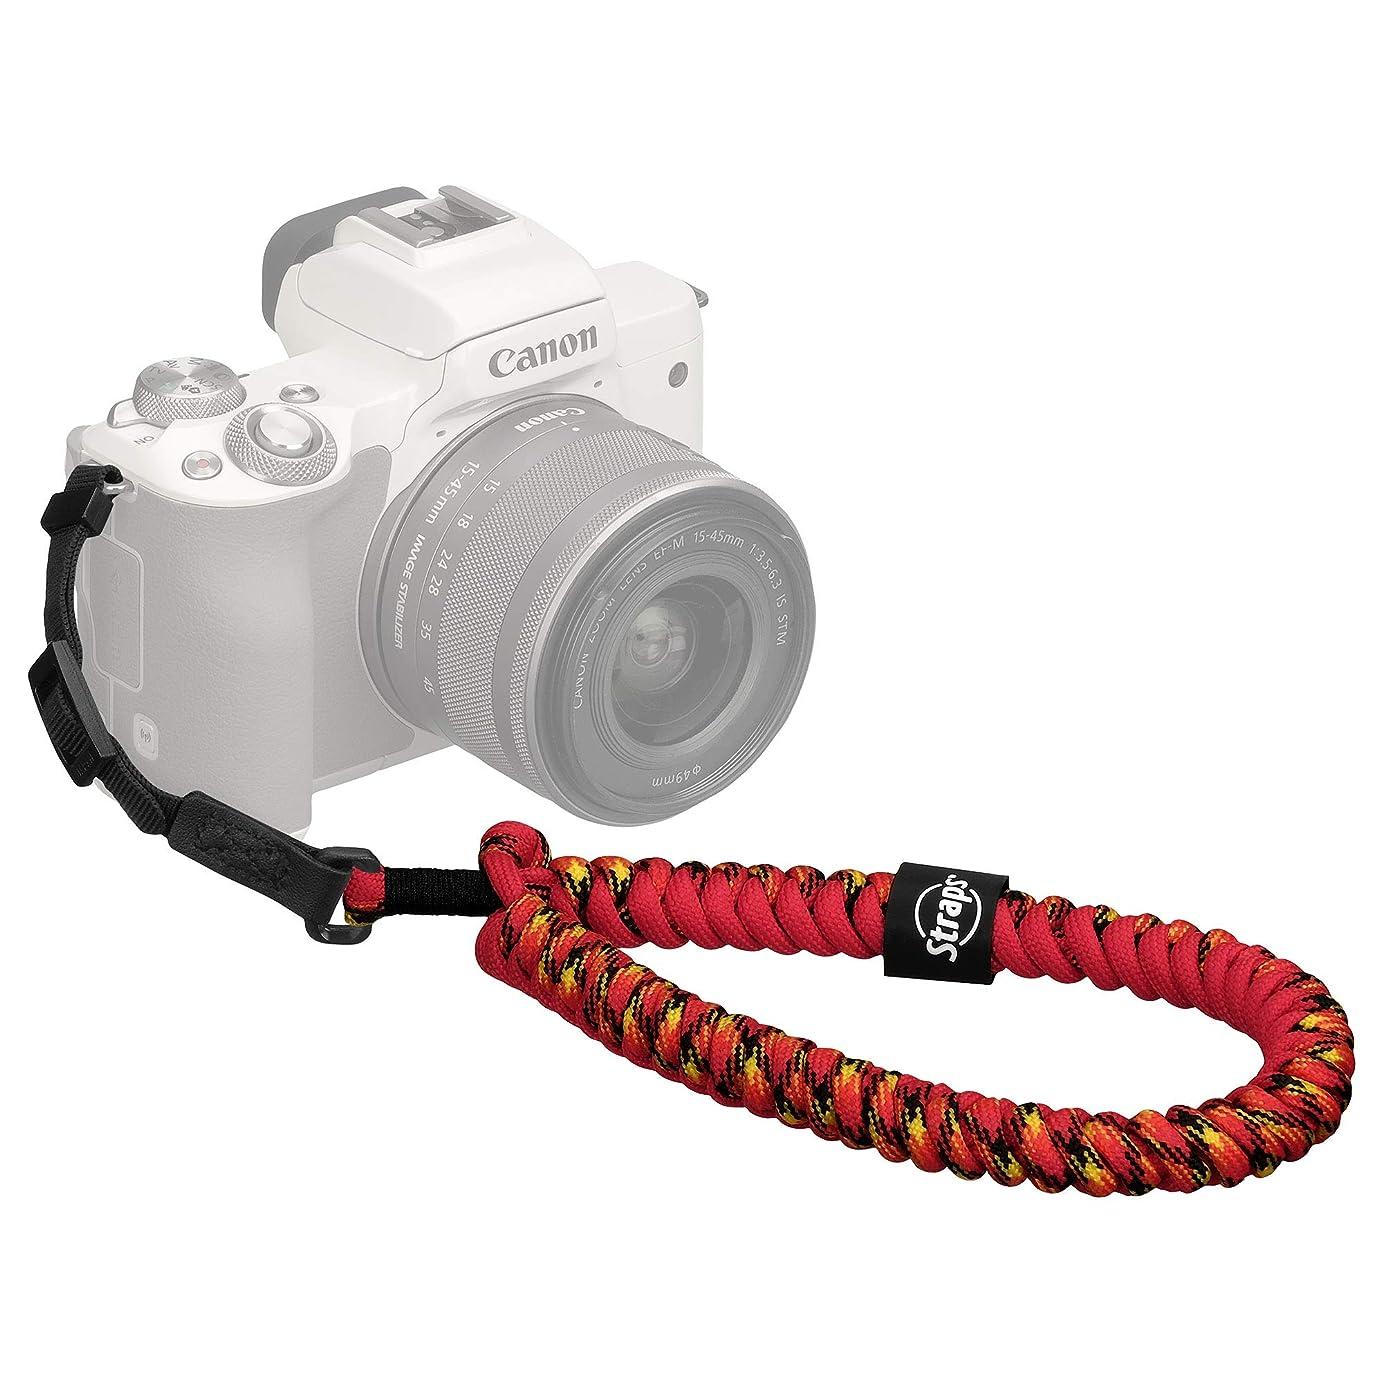 スイ無線応答HAKUBA カメラストラップ STRAPS リストストラップ M8 小型一眼カメラ用 パラコード編み マイアミ KSTPS-M8-MIA